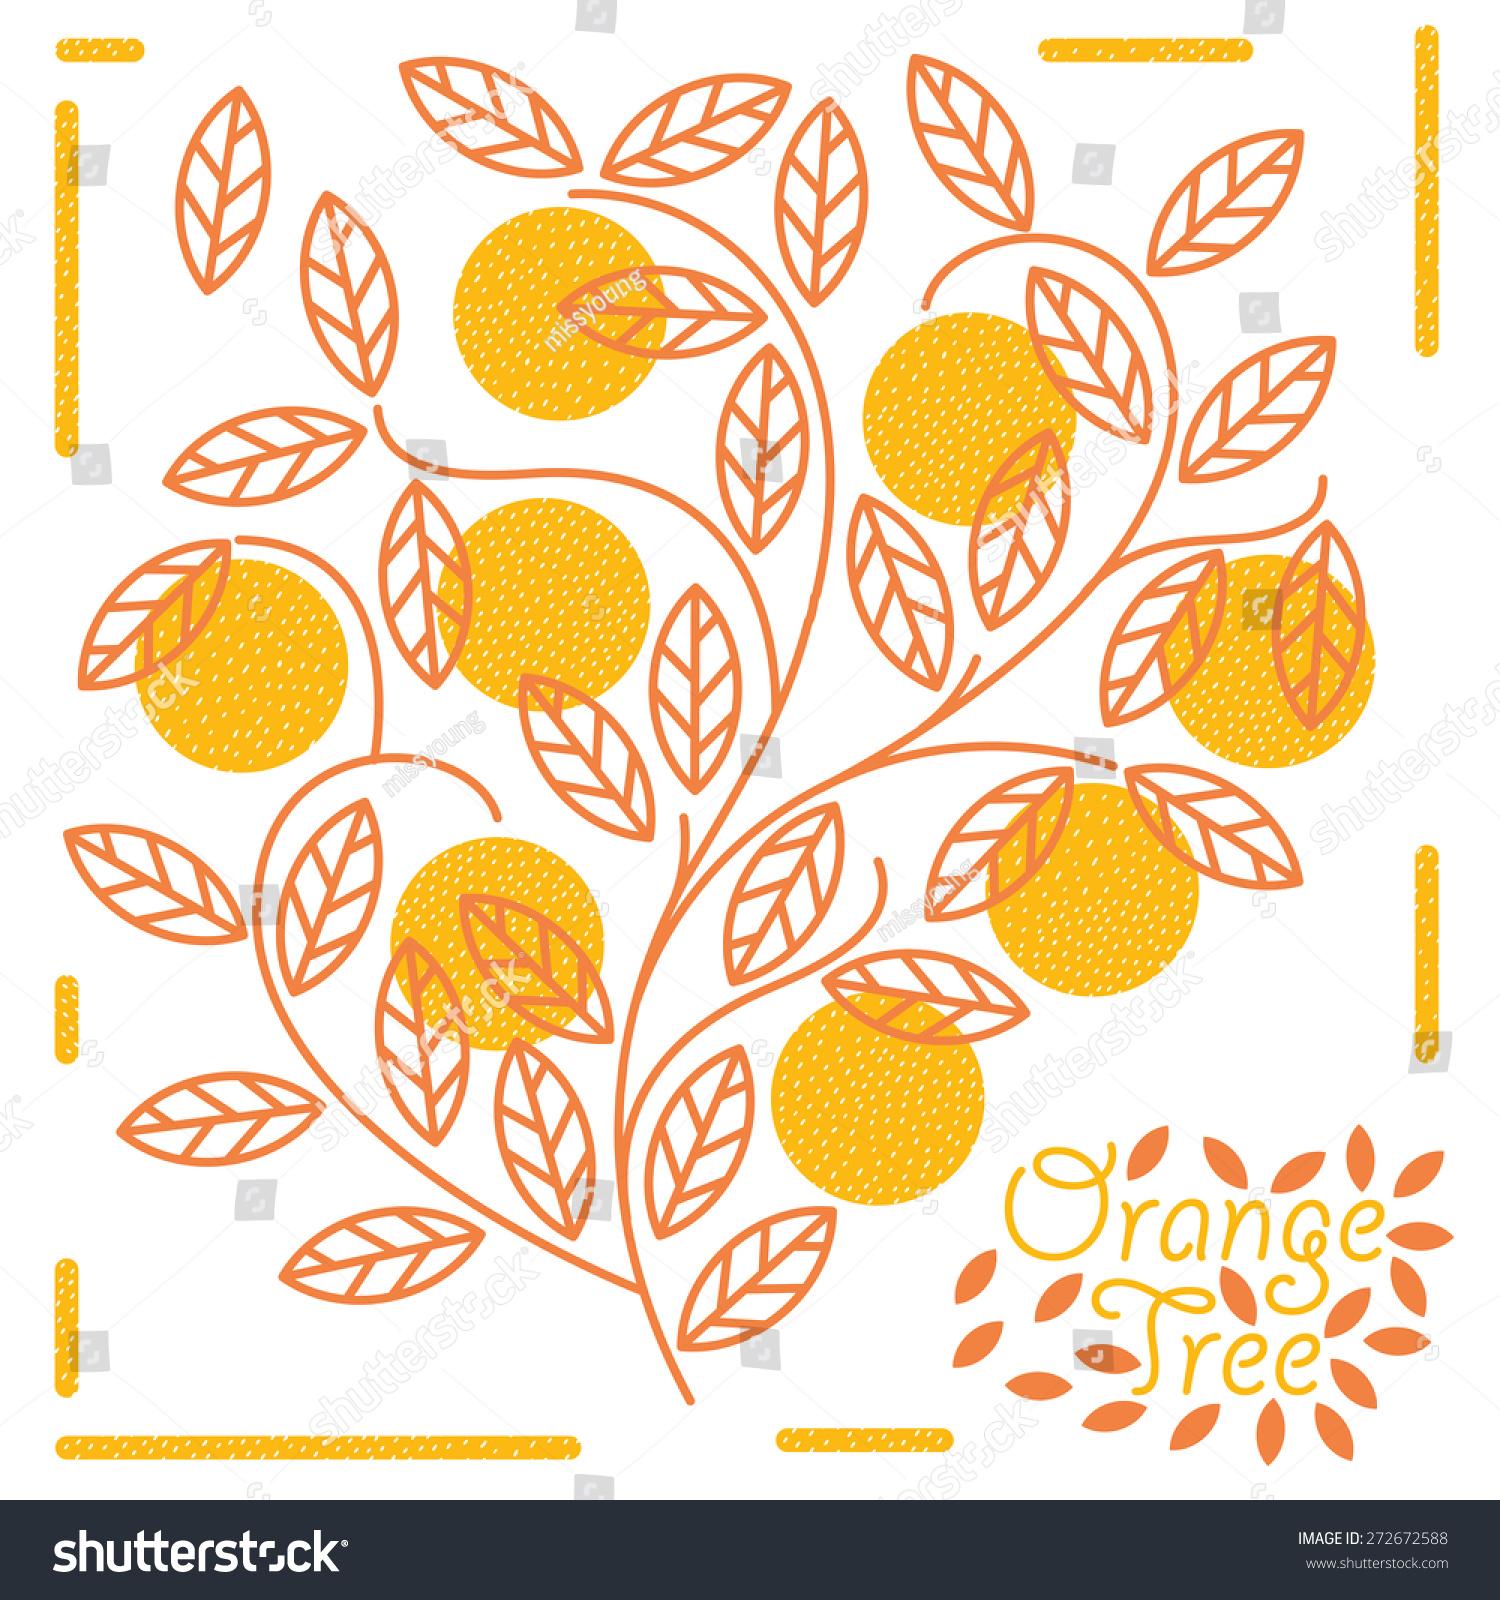 橘子树素描矢量图